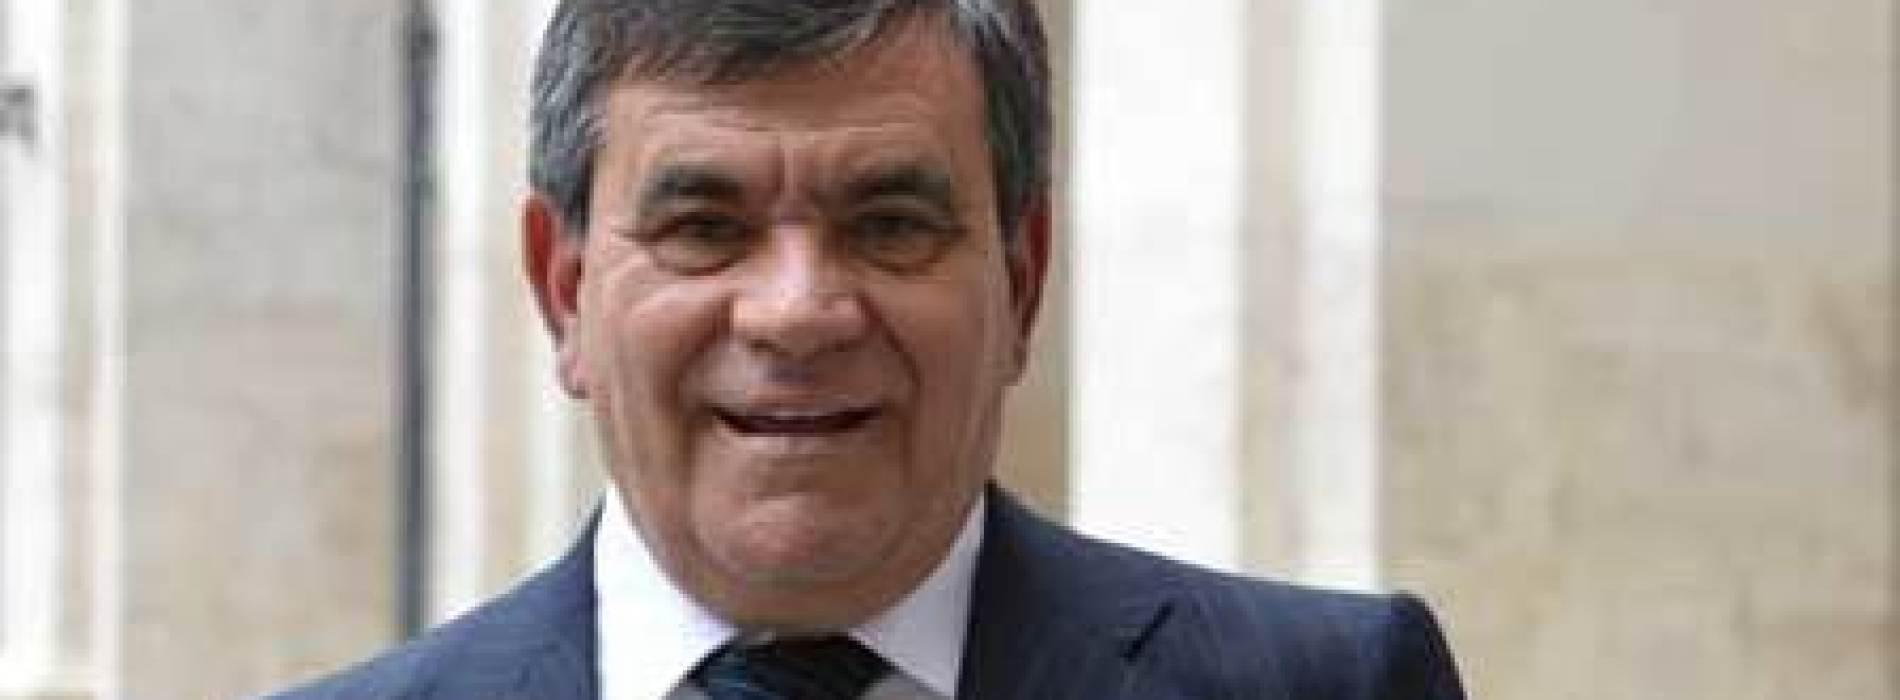 La Confindustria Caserta rinnova le cariche sociali per la Sezione Ance